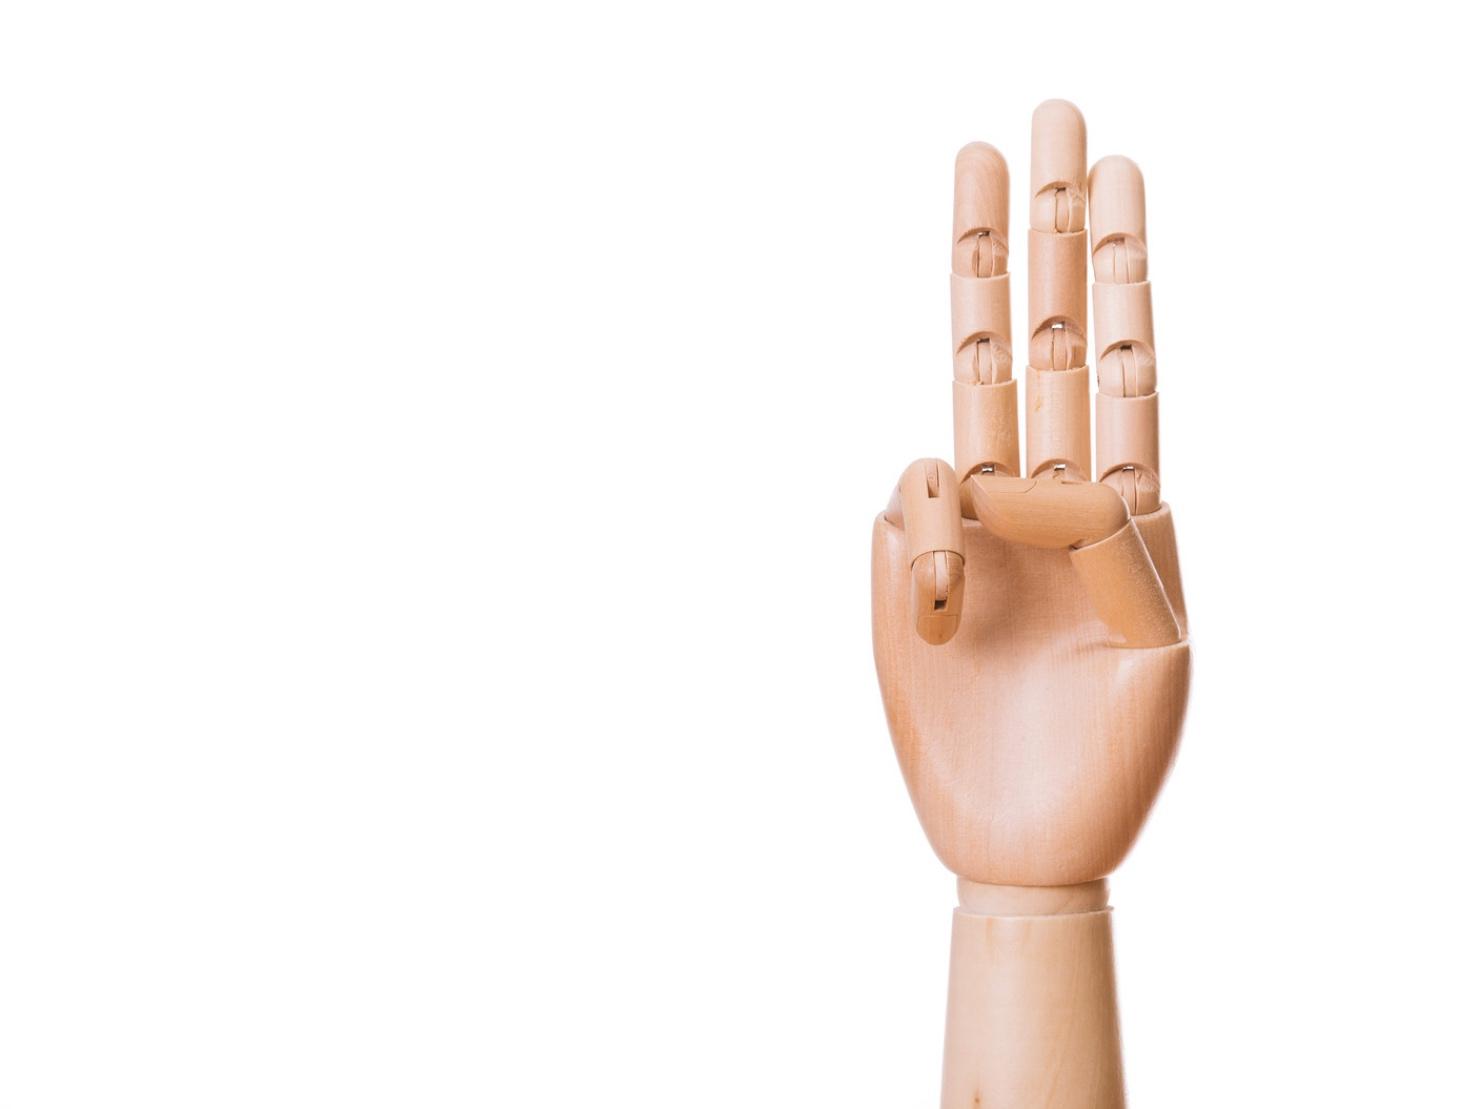 指を3本立てているイラスト